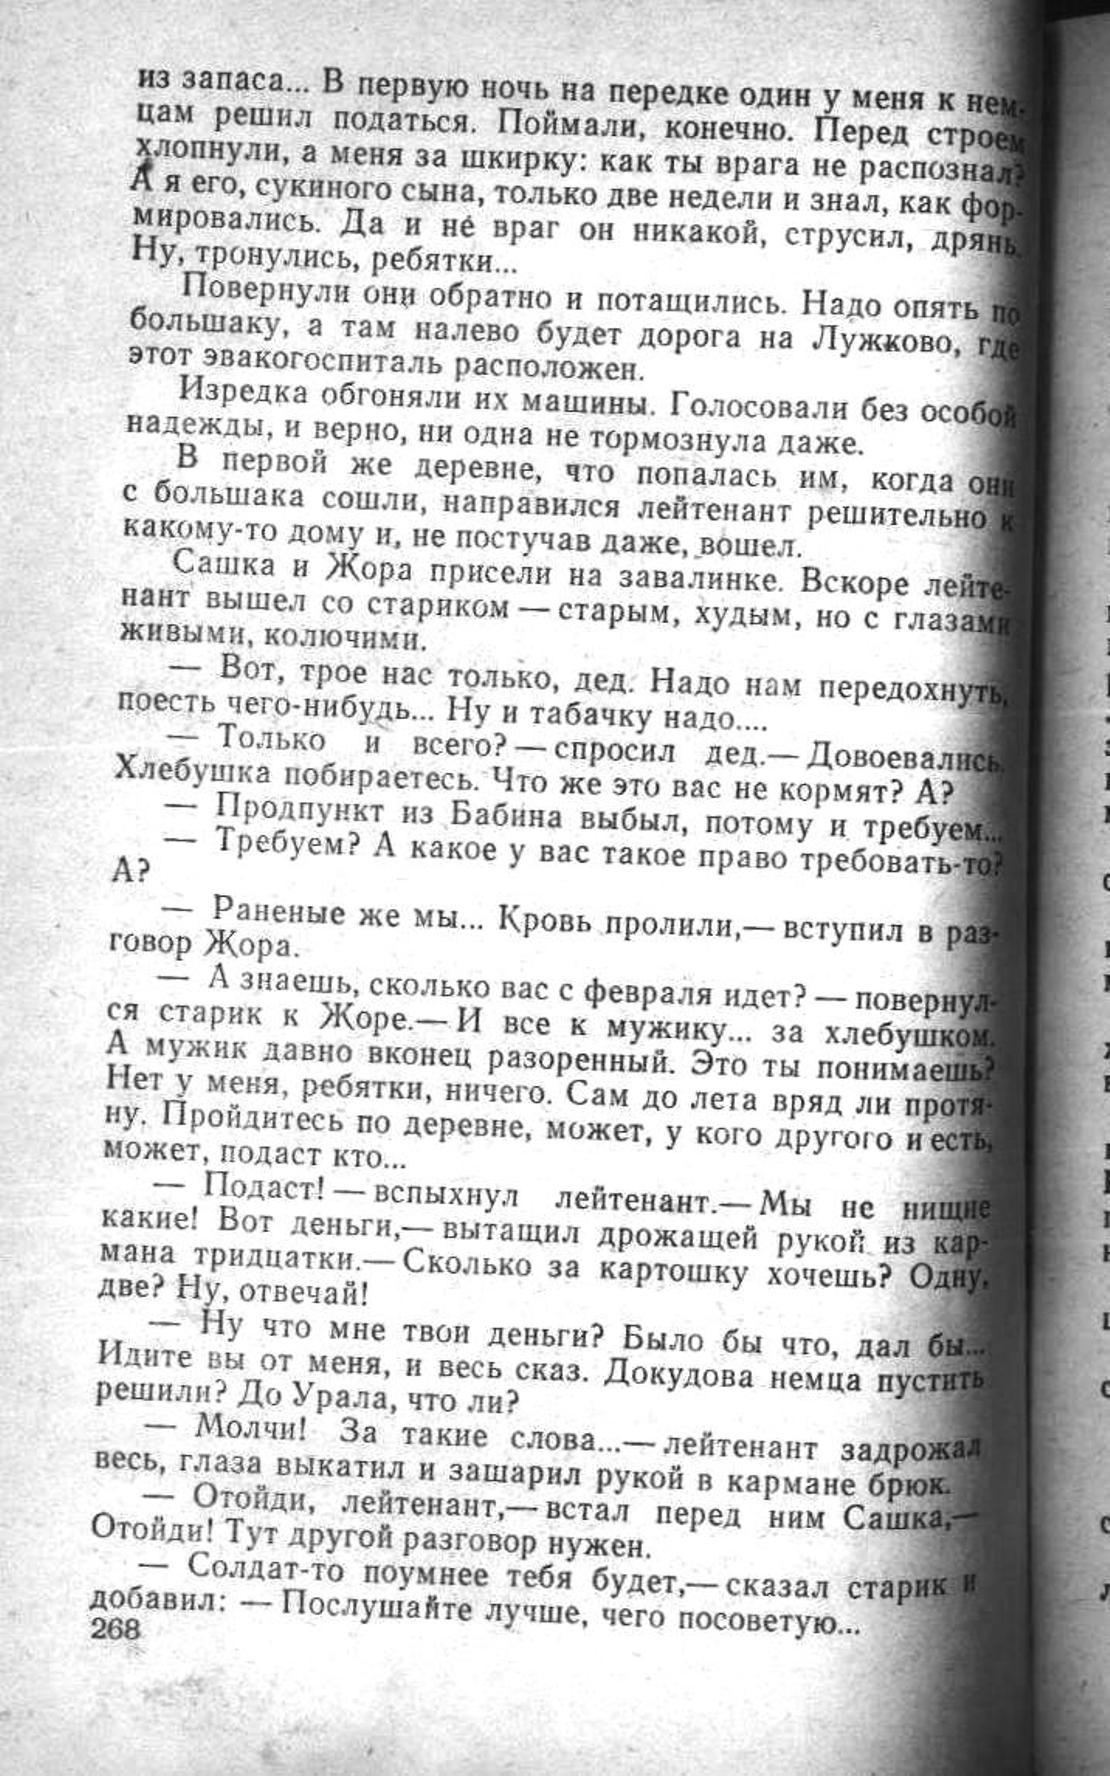 Сашка. Повесть. Вячеслав Кондратьев. 014. 001